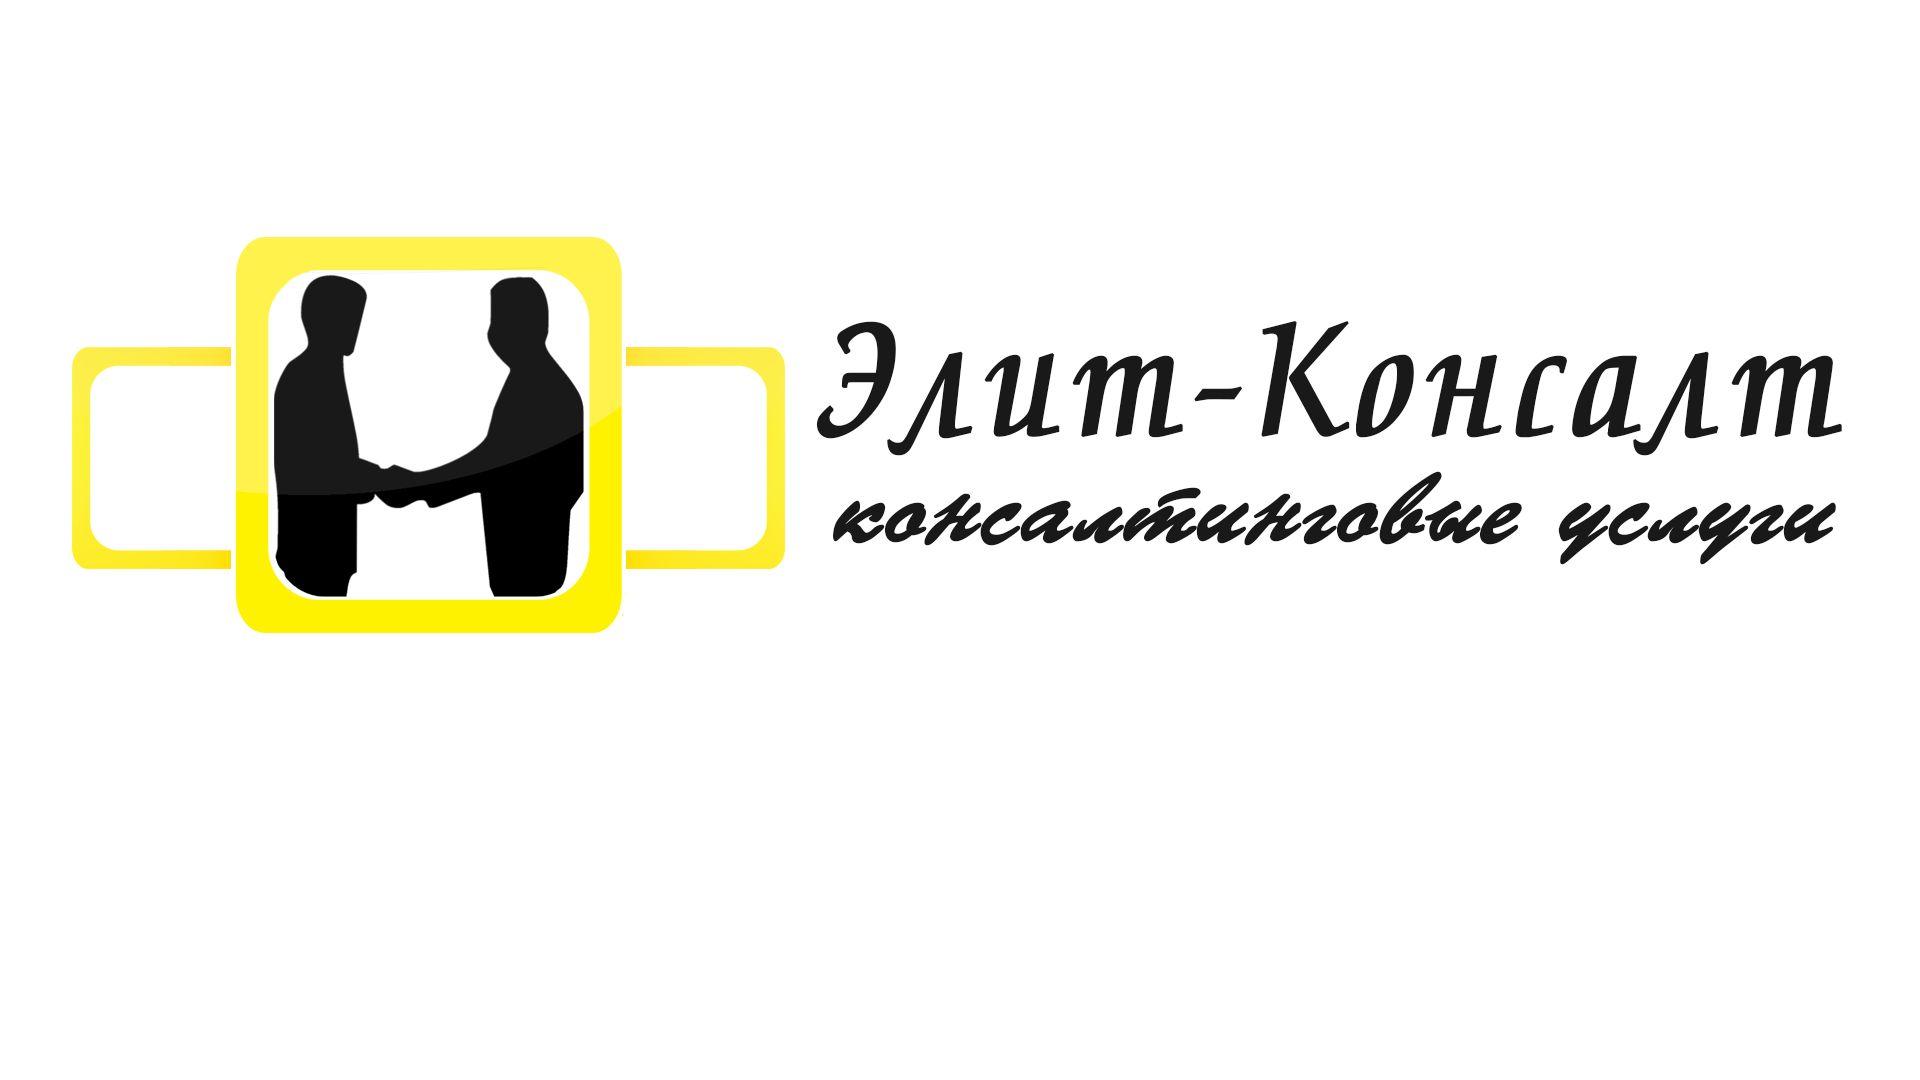 Логотип консалт-компании. Ждем еще предложения! - дизайнер RayGamesThe